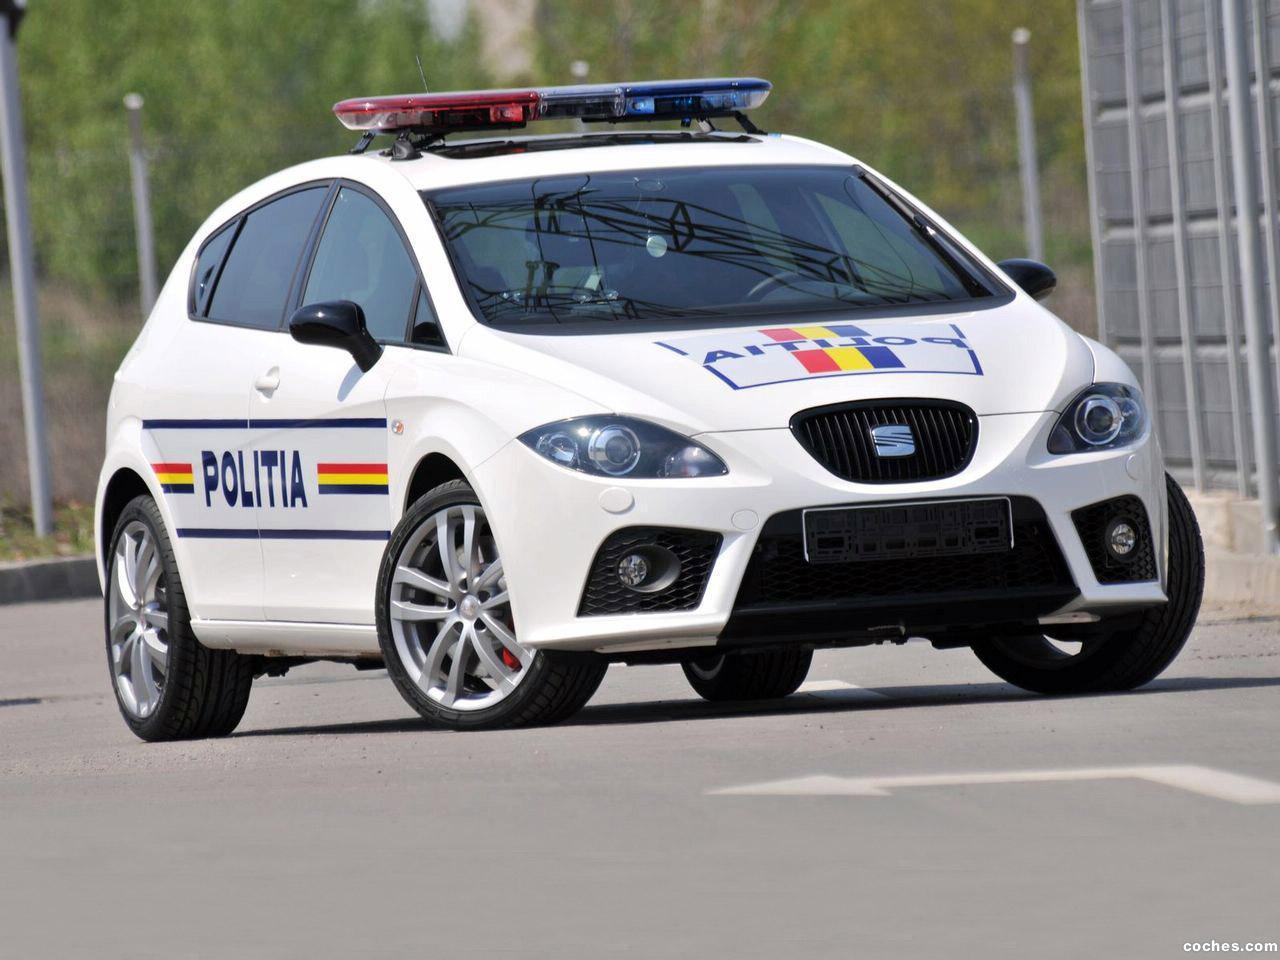 Foto 0 de Seat Leon Police Car 2009